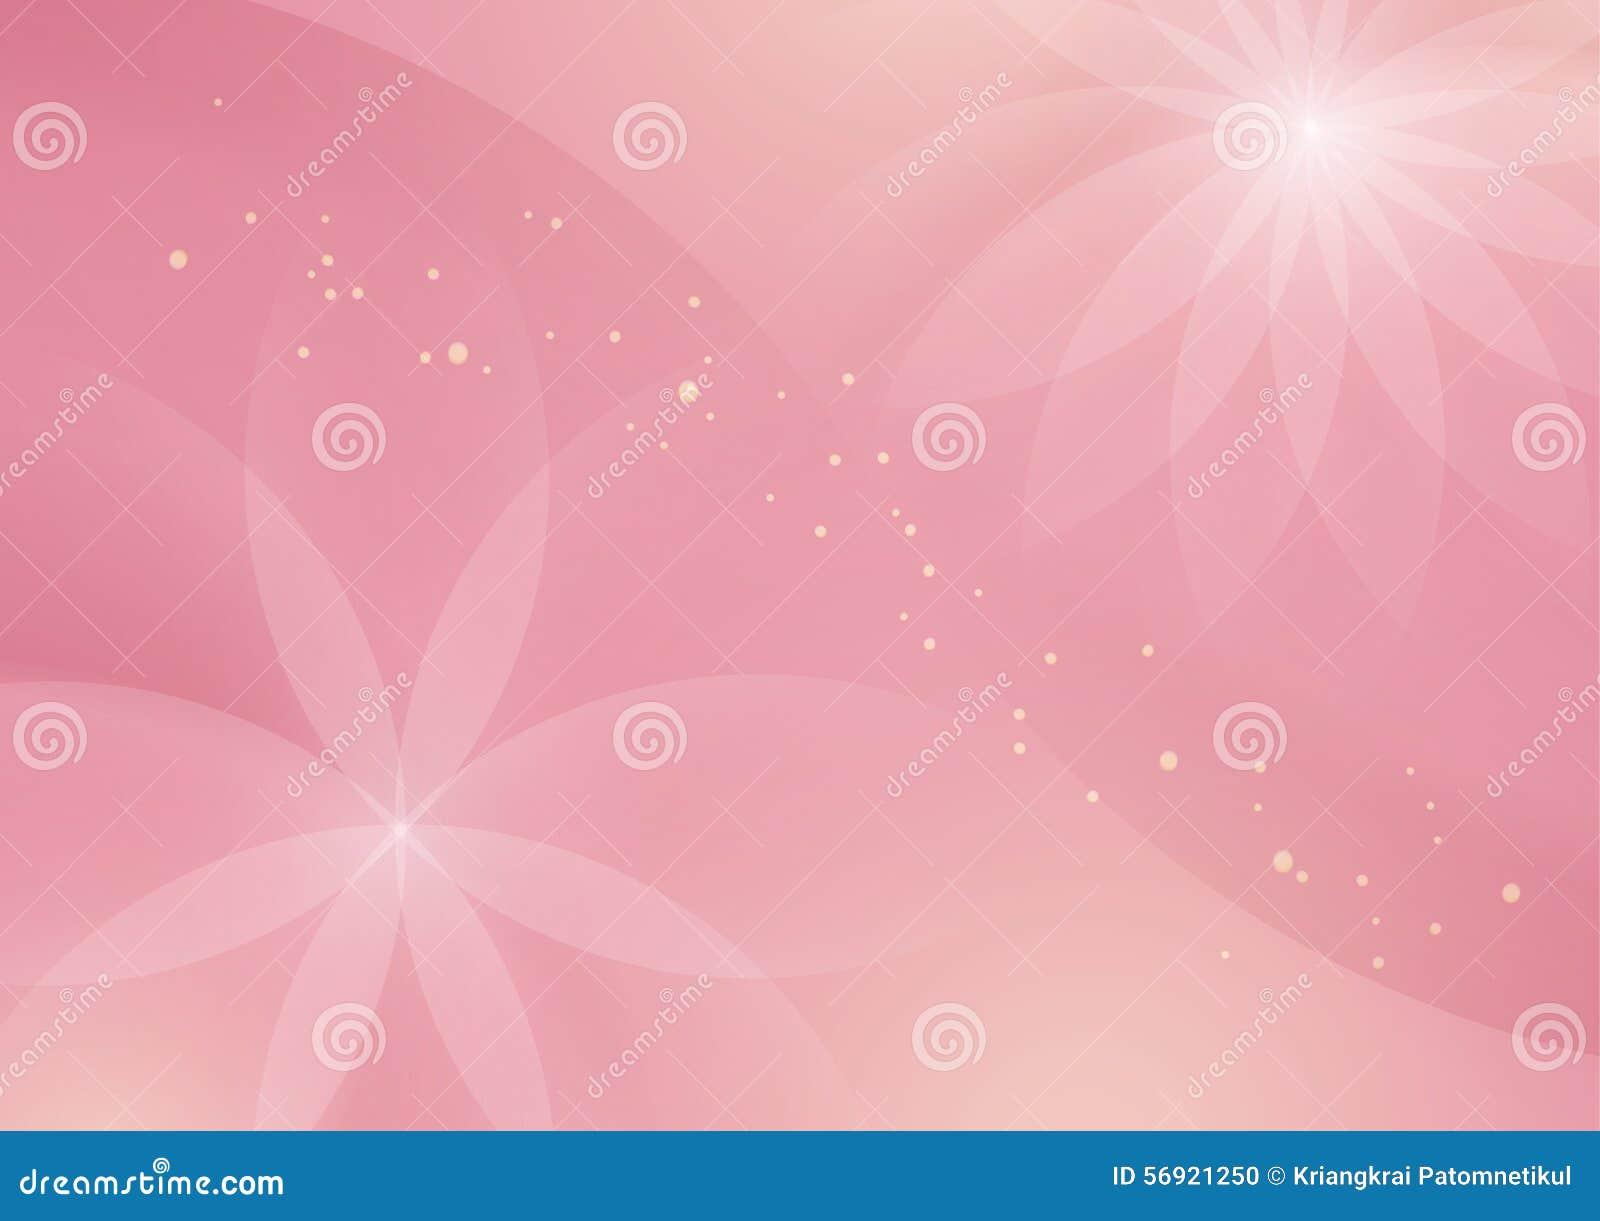 Αφηρημένο Floral ανοικτό ροζ υπόβαθρο για το σχέδιο